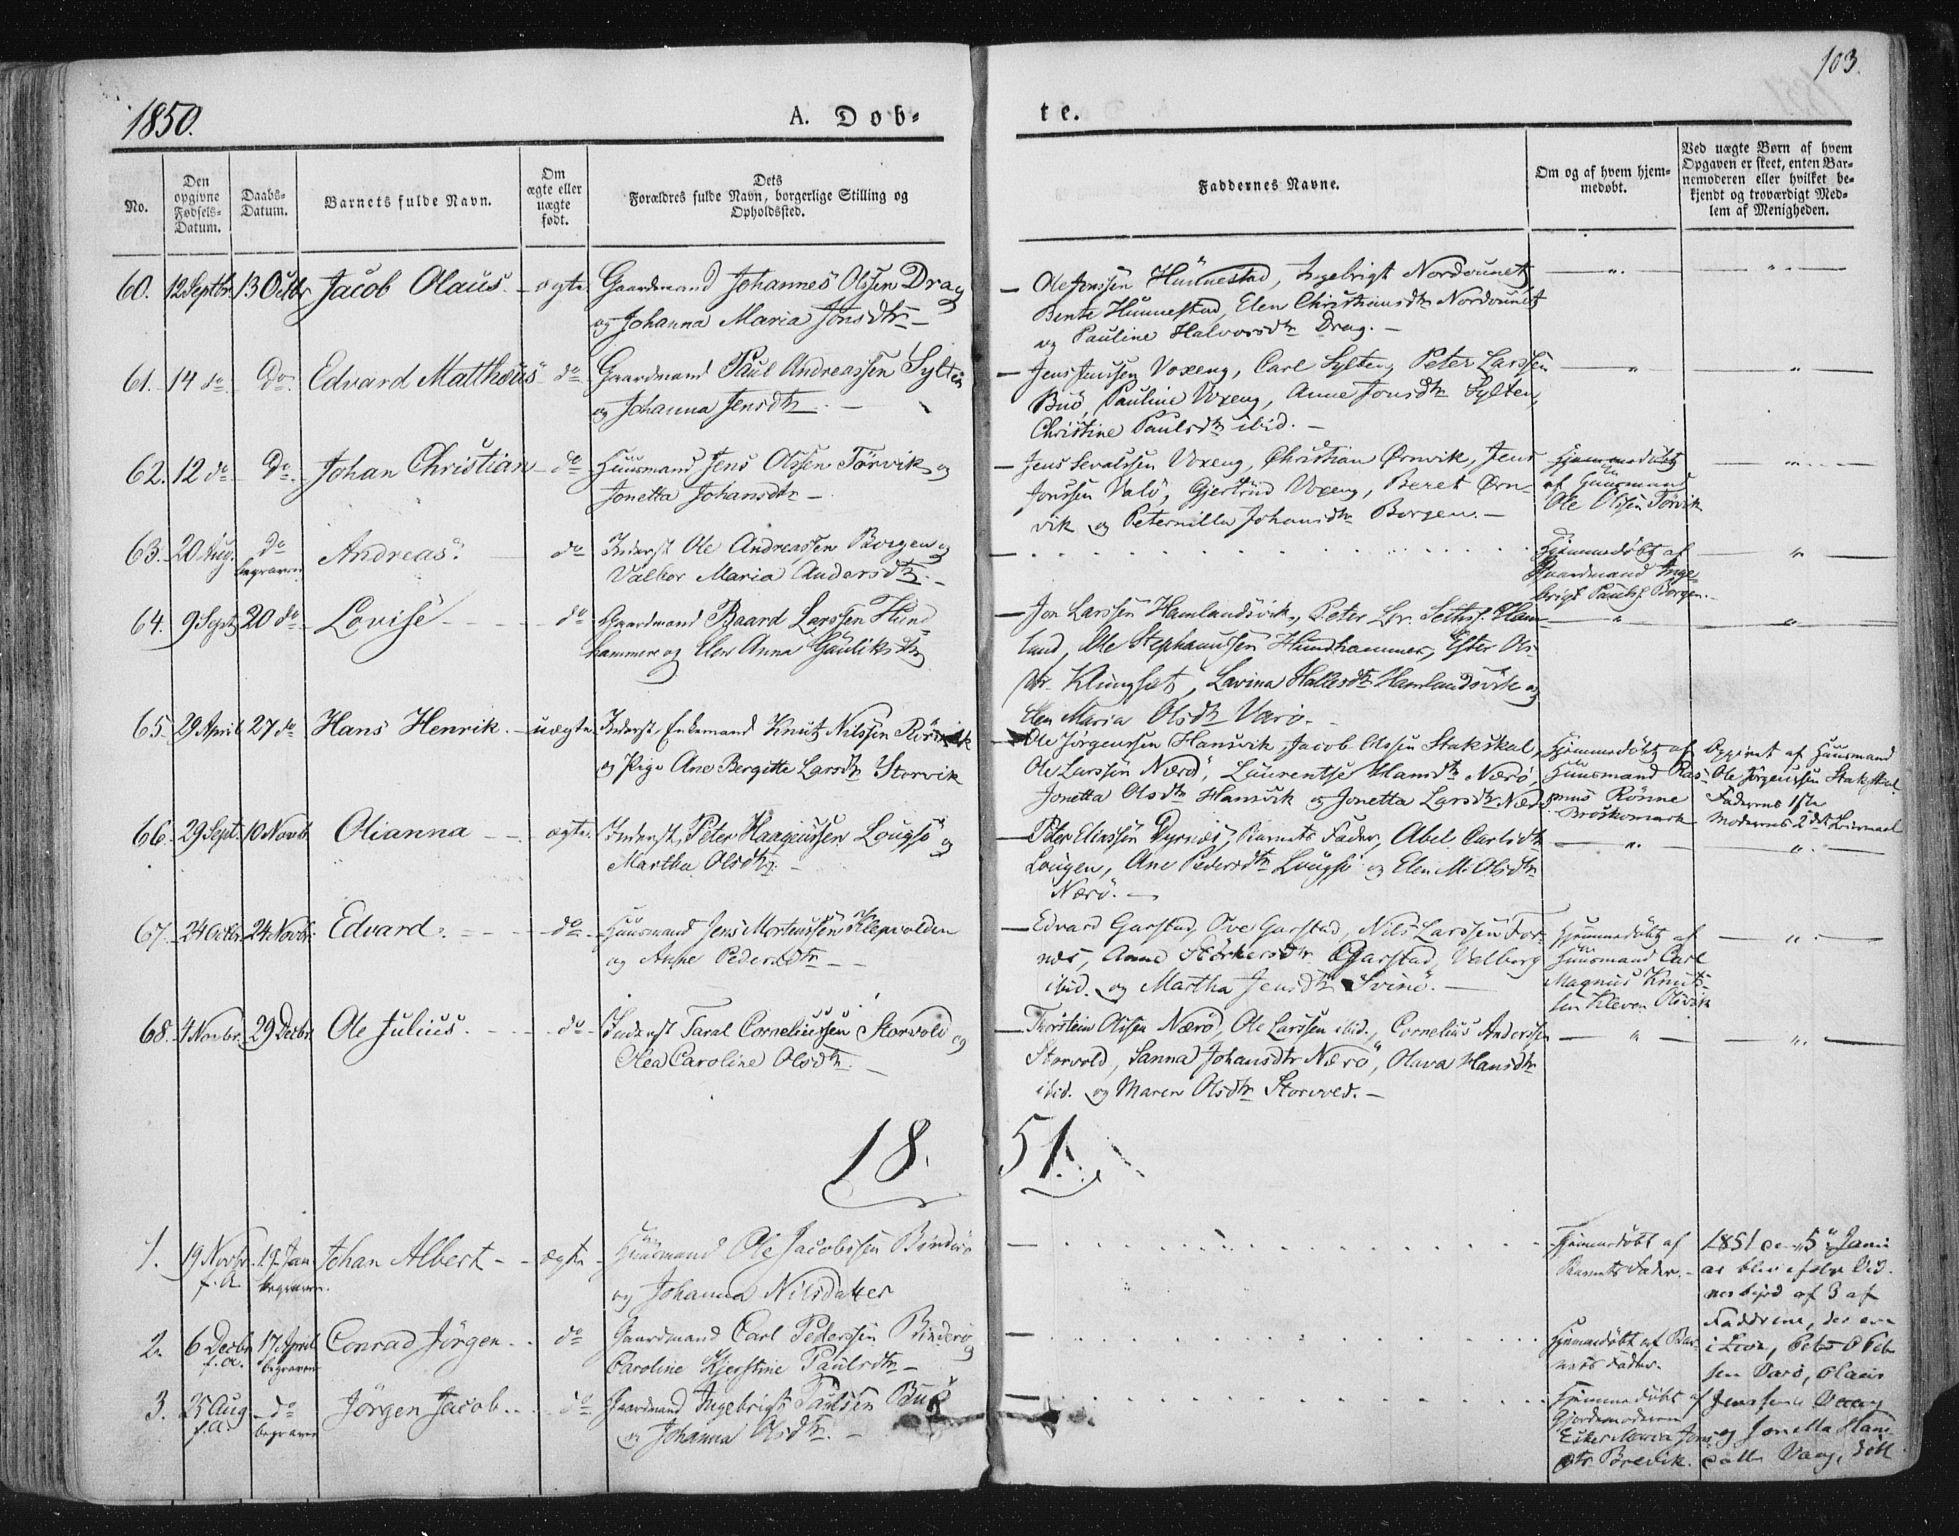 SAT, Ministerialprotokoller, klokkerbøker og fødselsregistre - Nord-Trøndelag, 784/L0669: Ministerialbok nr. 784A04, 1829-1859, s. 103